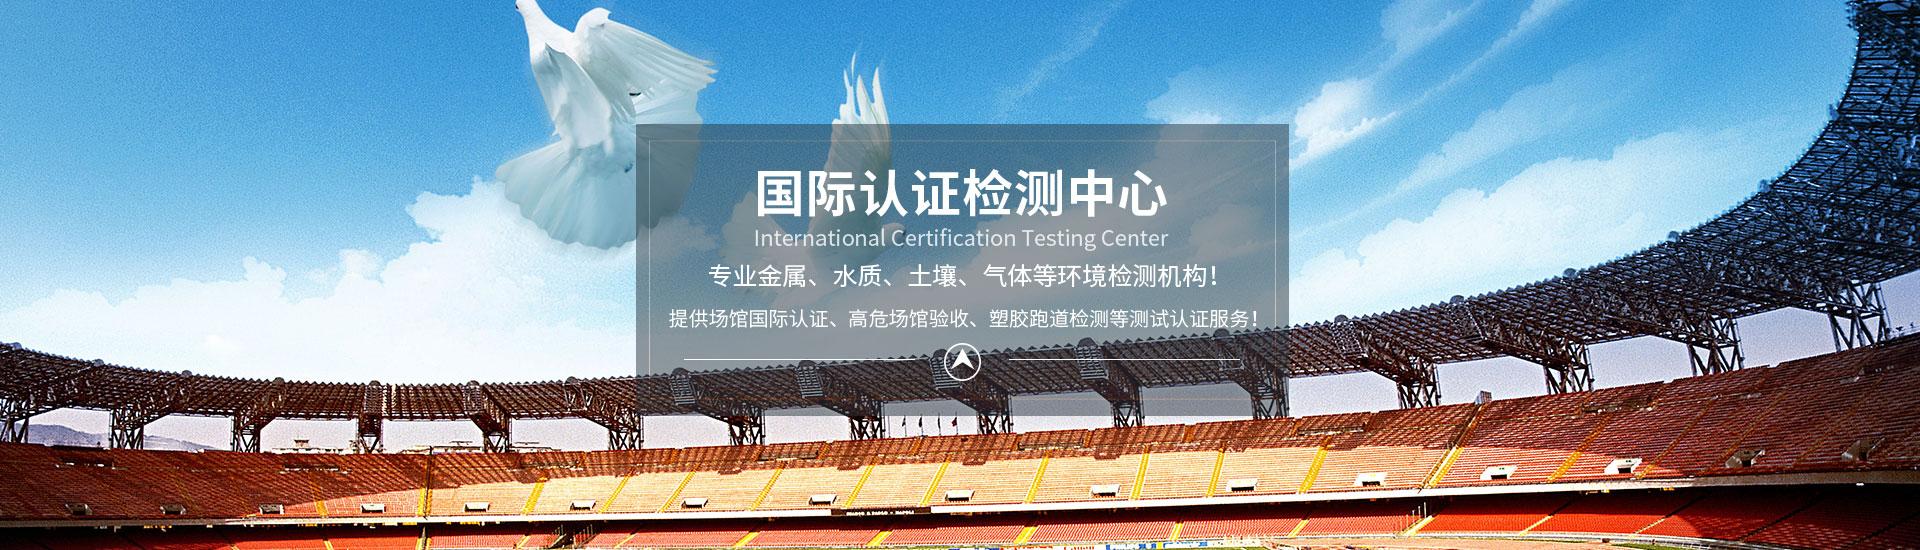 江苏优德88登录优德88中文网股份有限公司